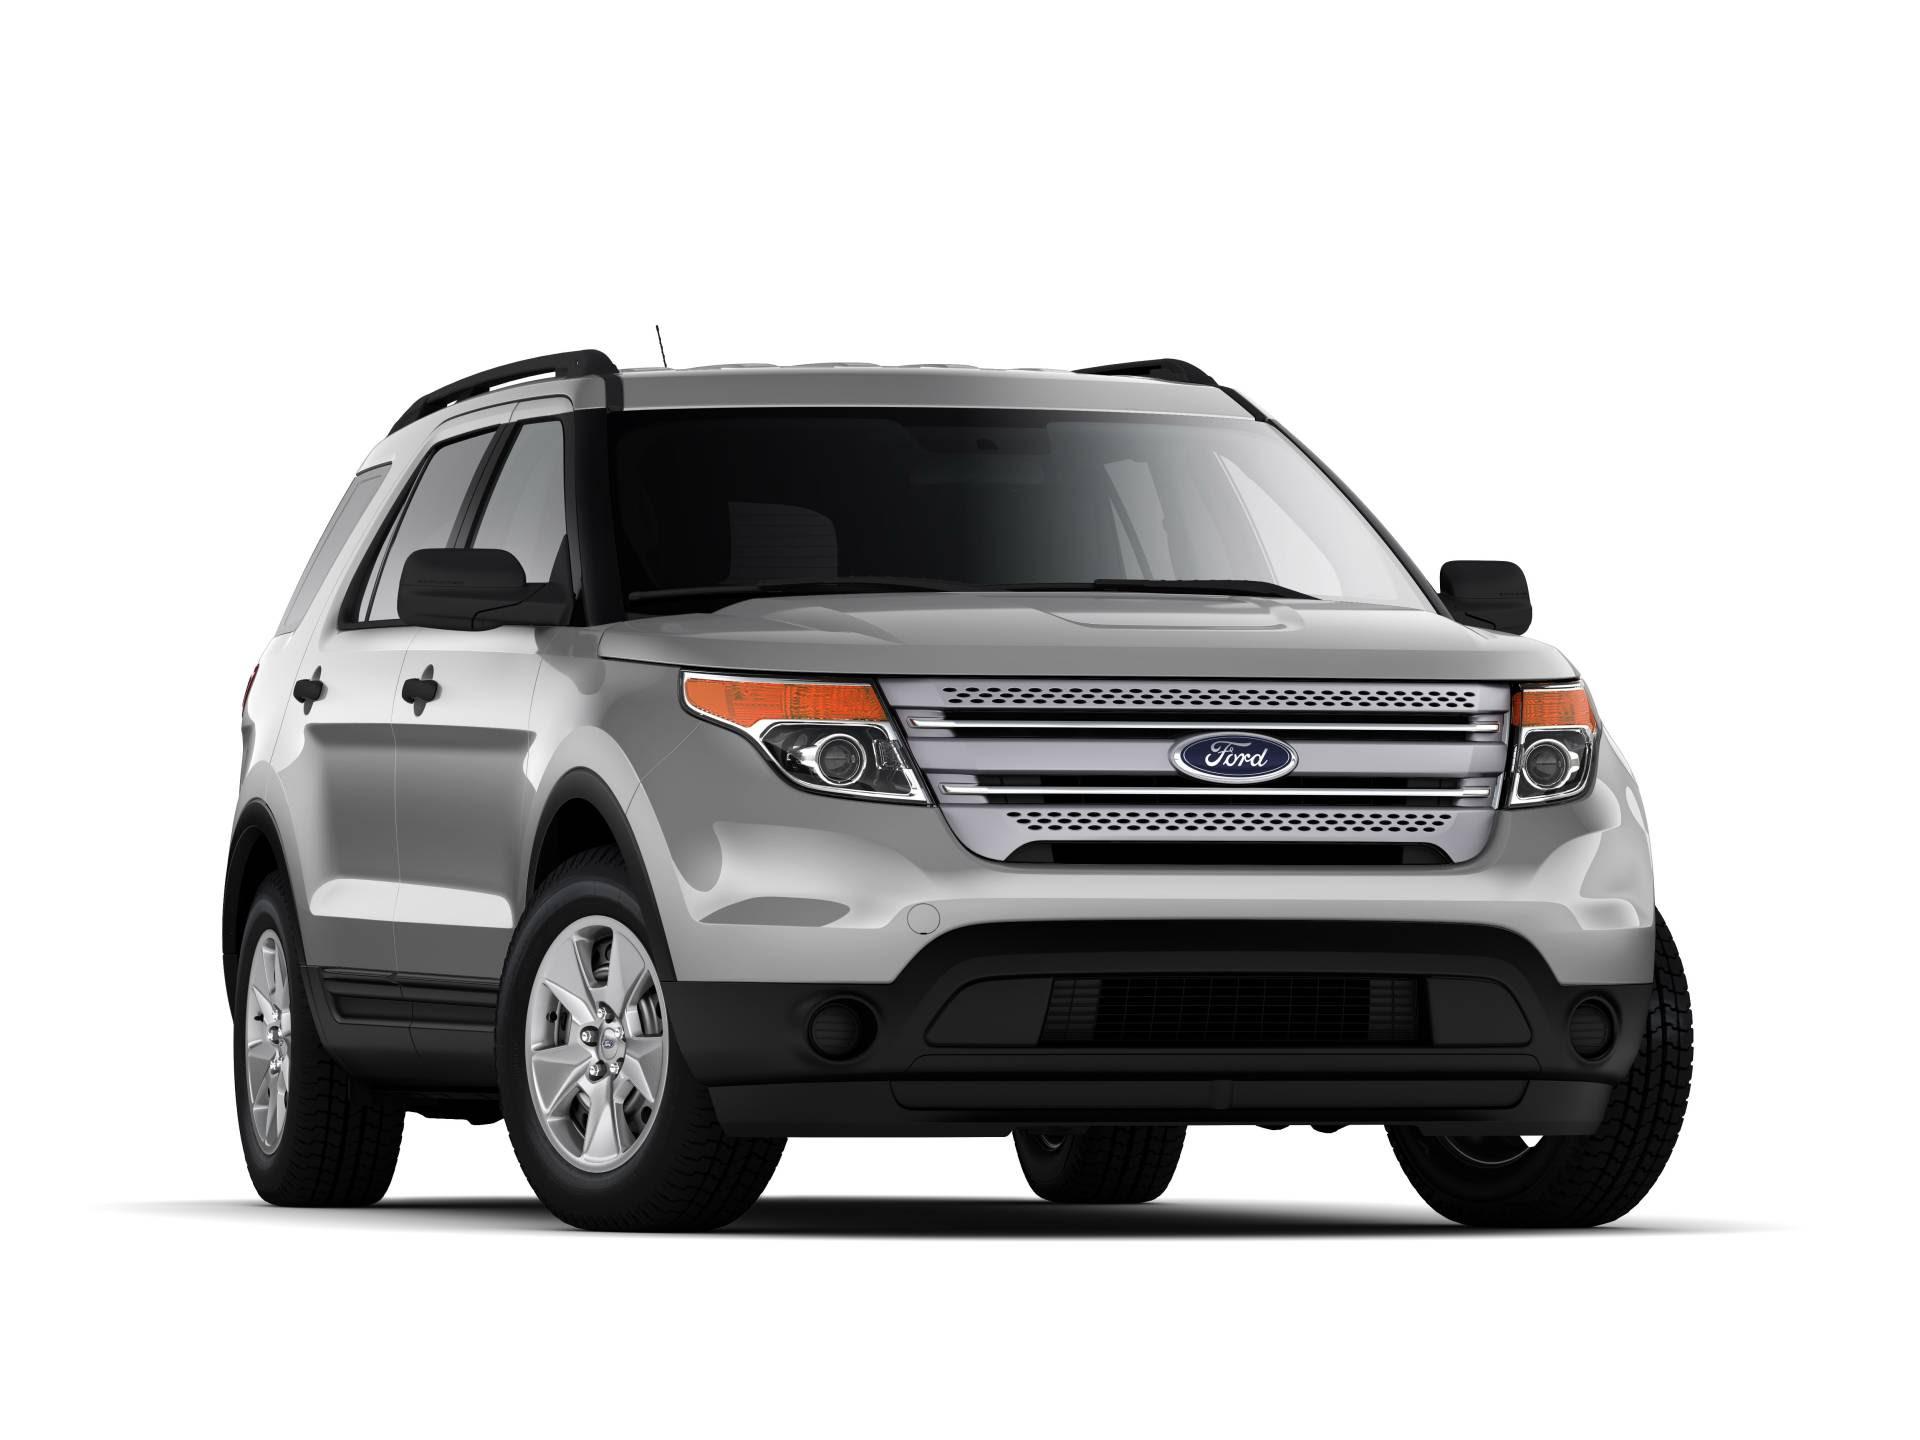 2013 Ford Explorer - conceptcarz.com